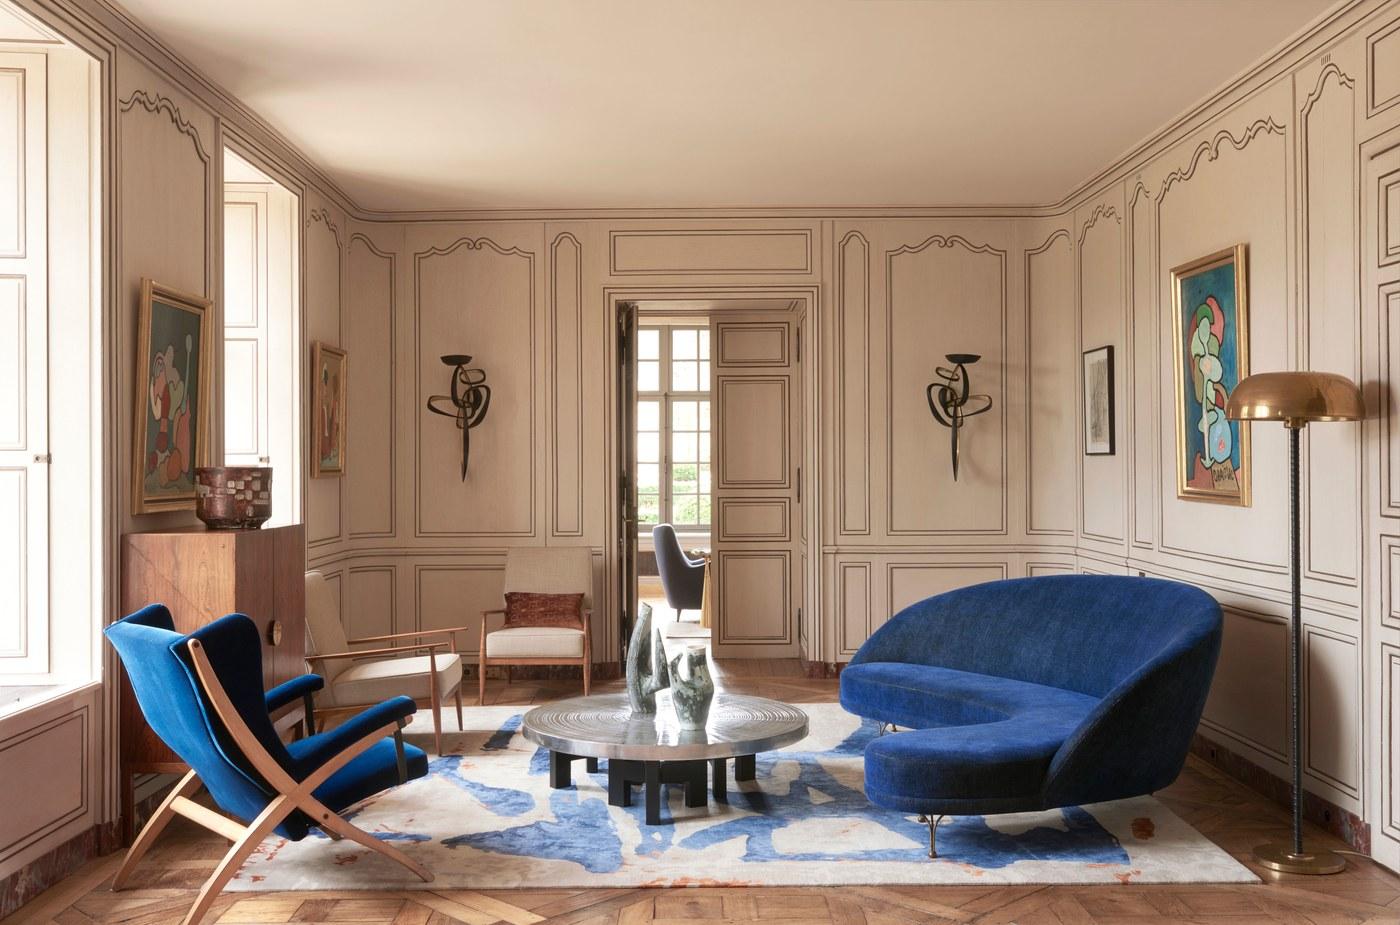 ch teau fran ais transform en demeure contemporaine blog. Black Bedroom Furniture Sets. Home Design Ideas